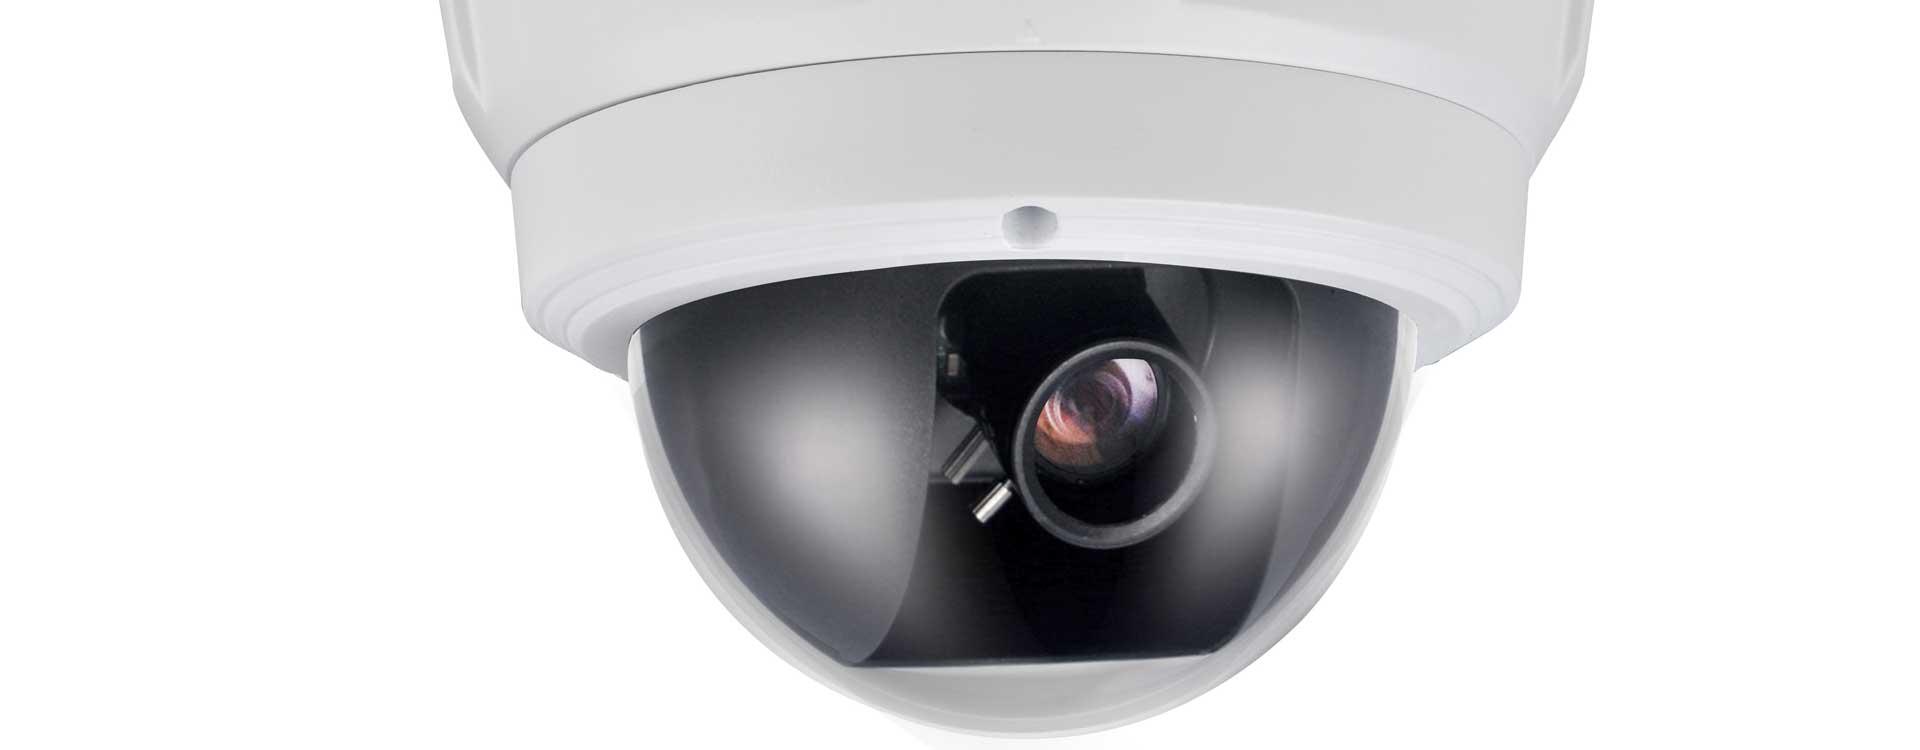 Une caméra IP pour surveiller votre maison